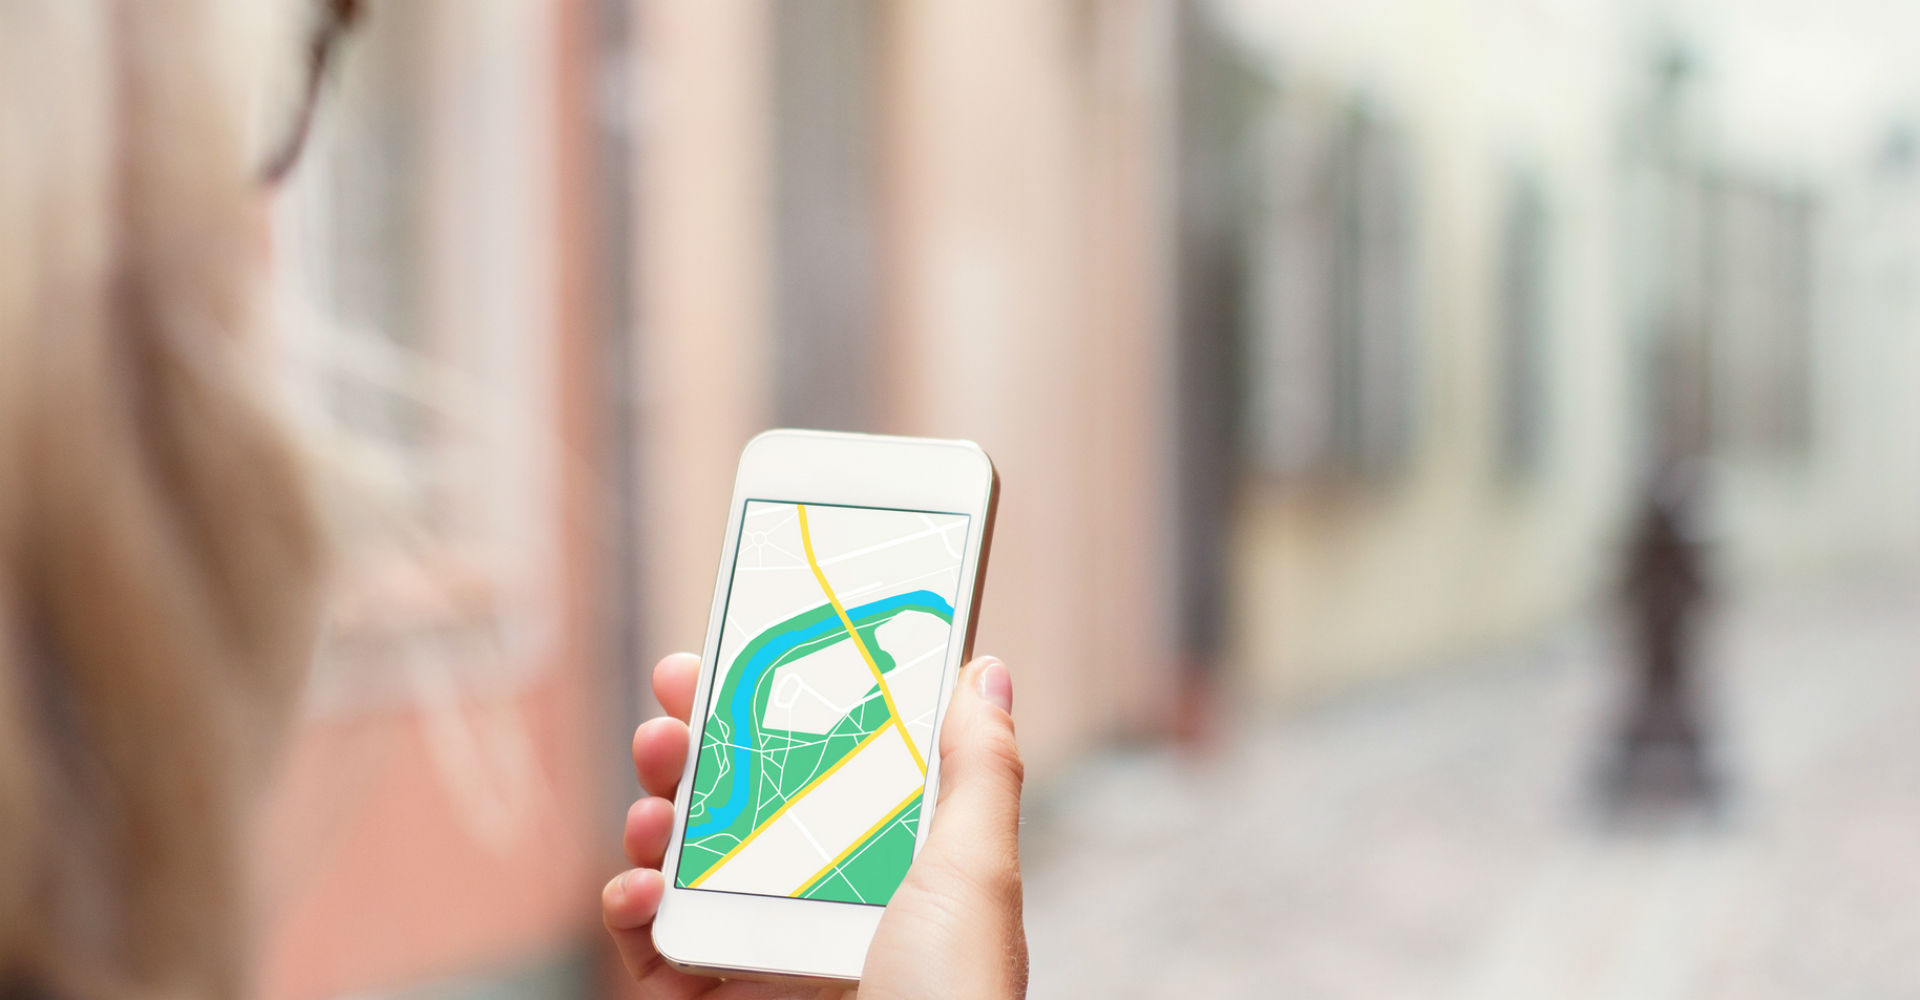 Junge Frau nutzt Apple Maps zur Navigation mit dem iPhone.